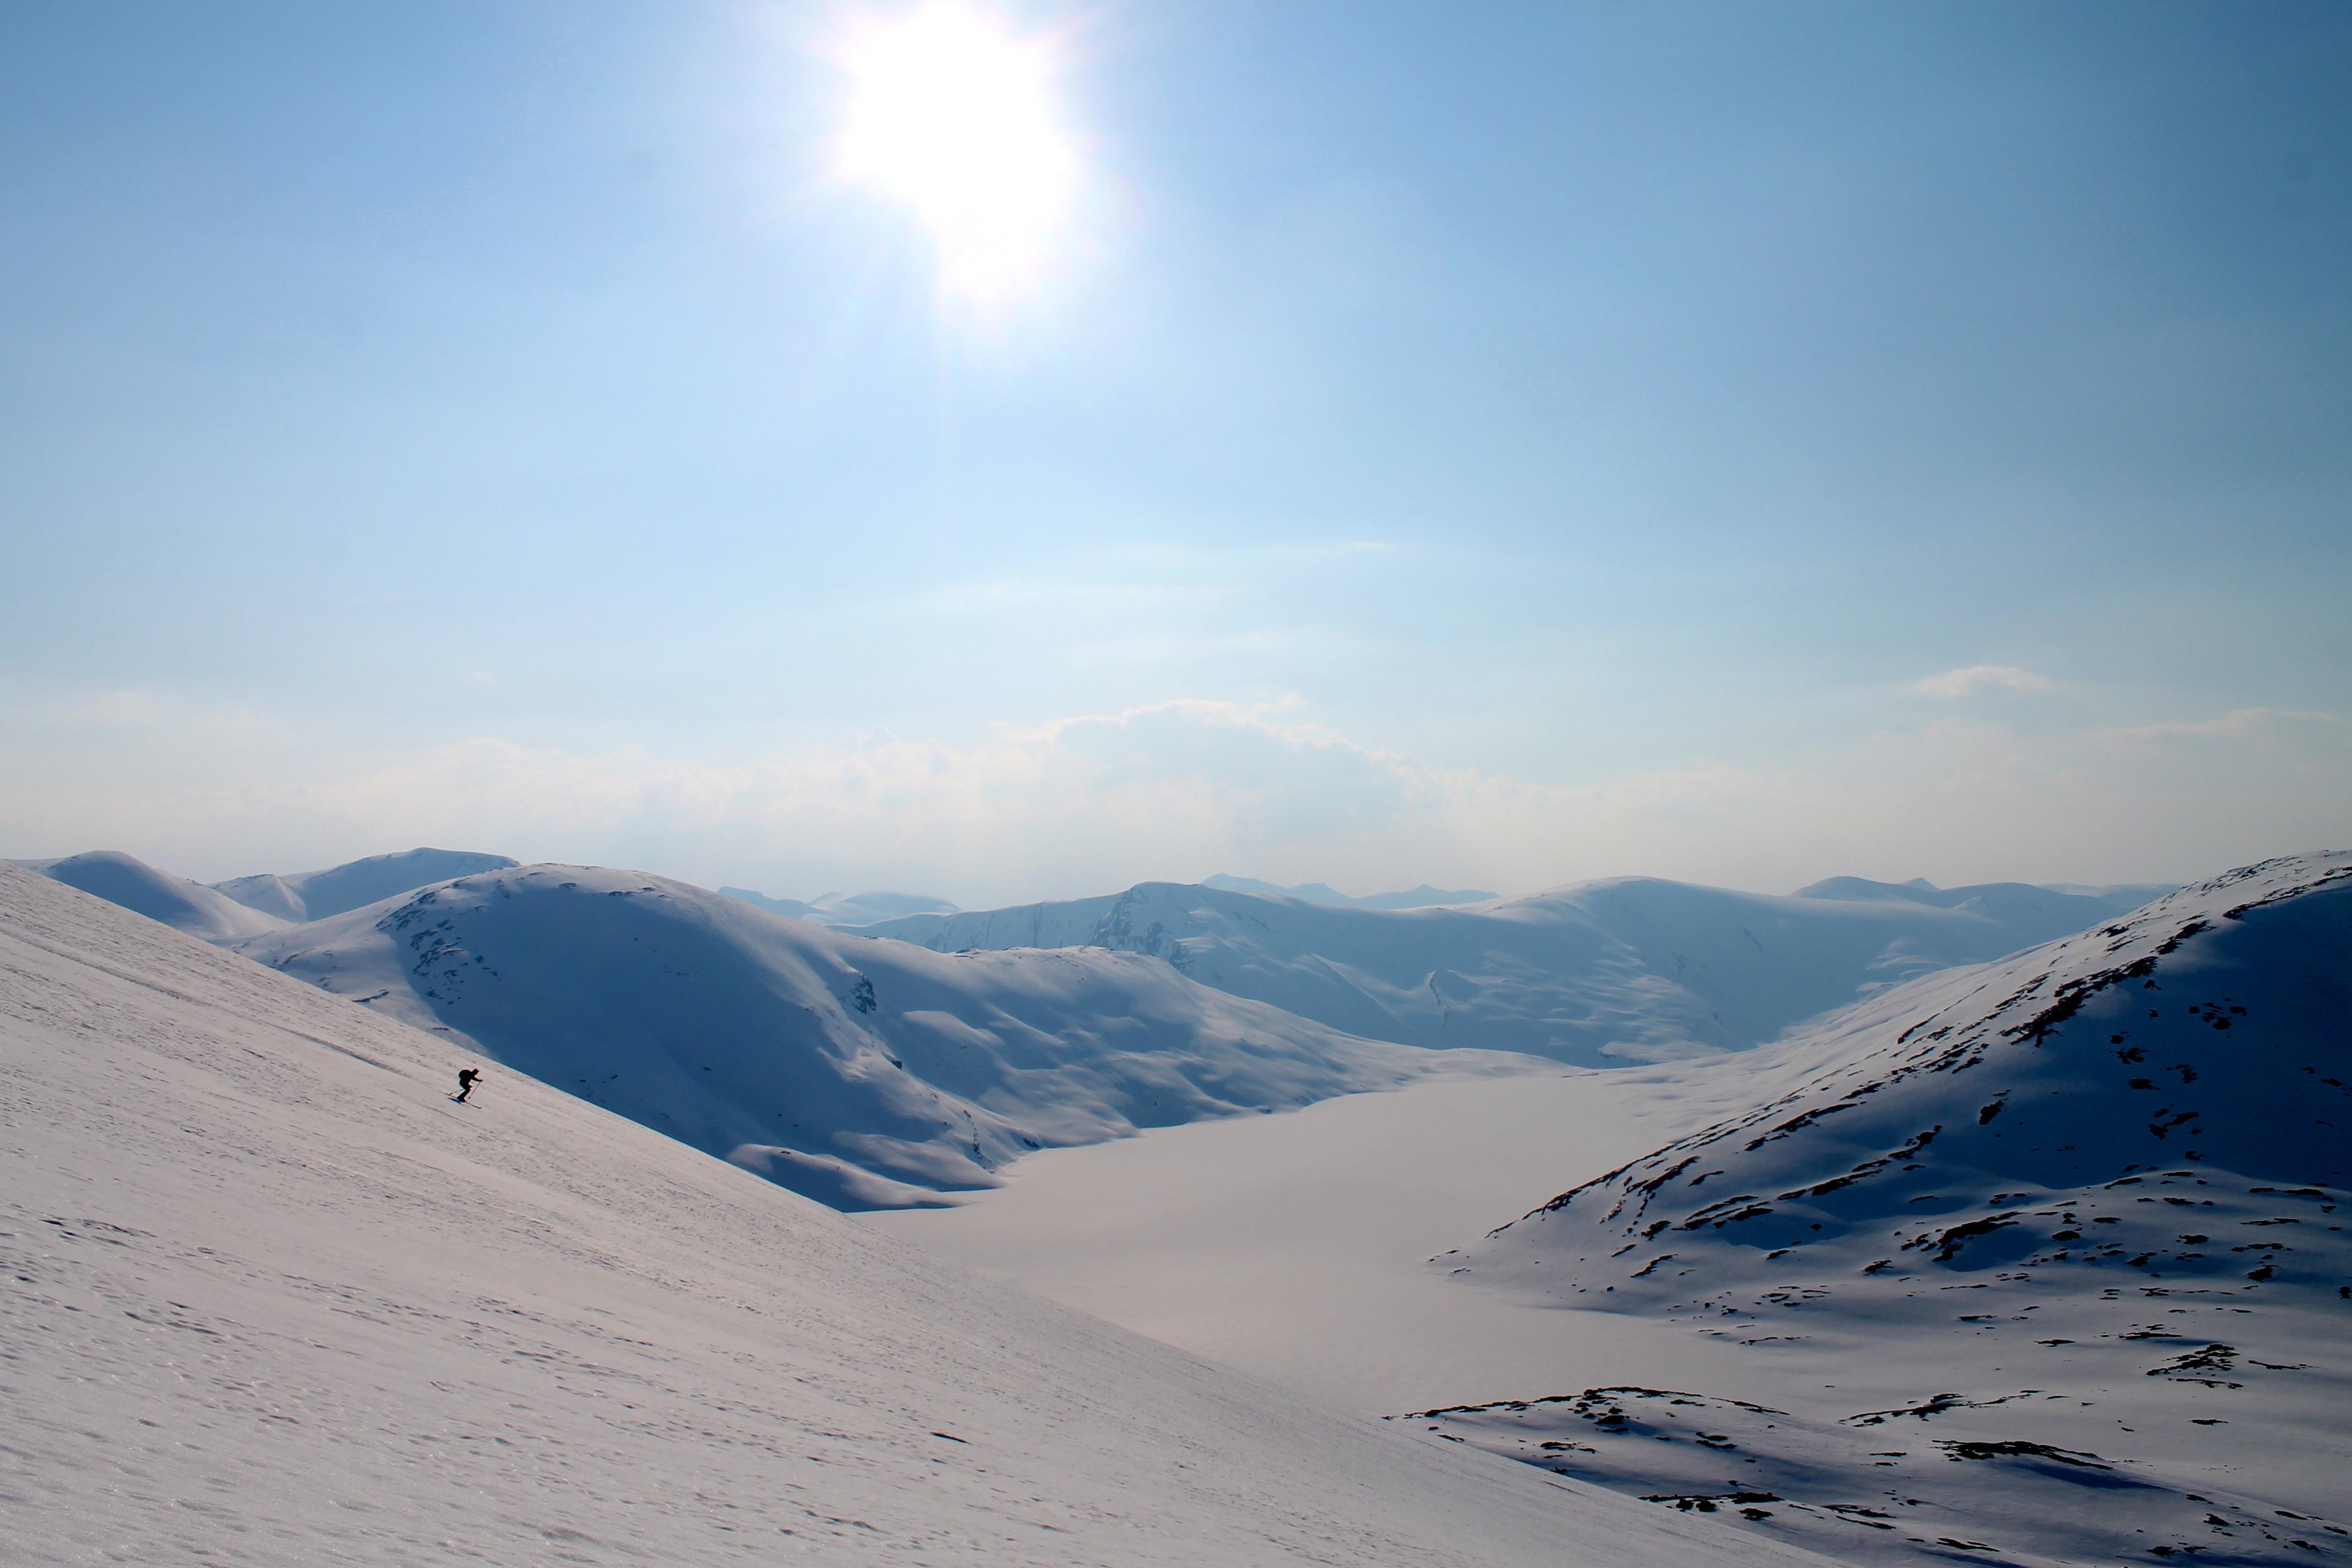 Nedkjøring fra Langvasseggi på Strynefjellet.